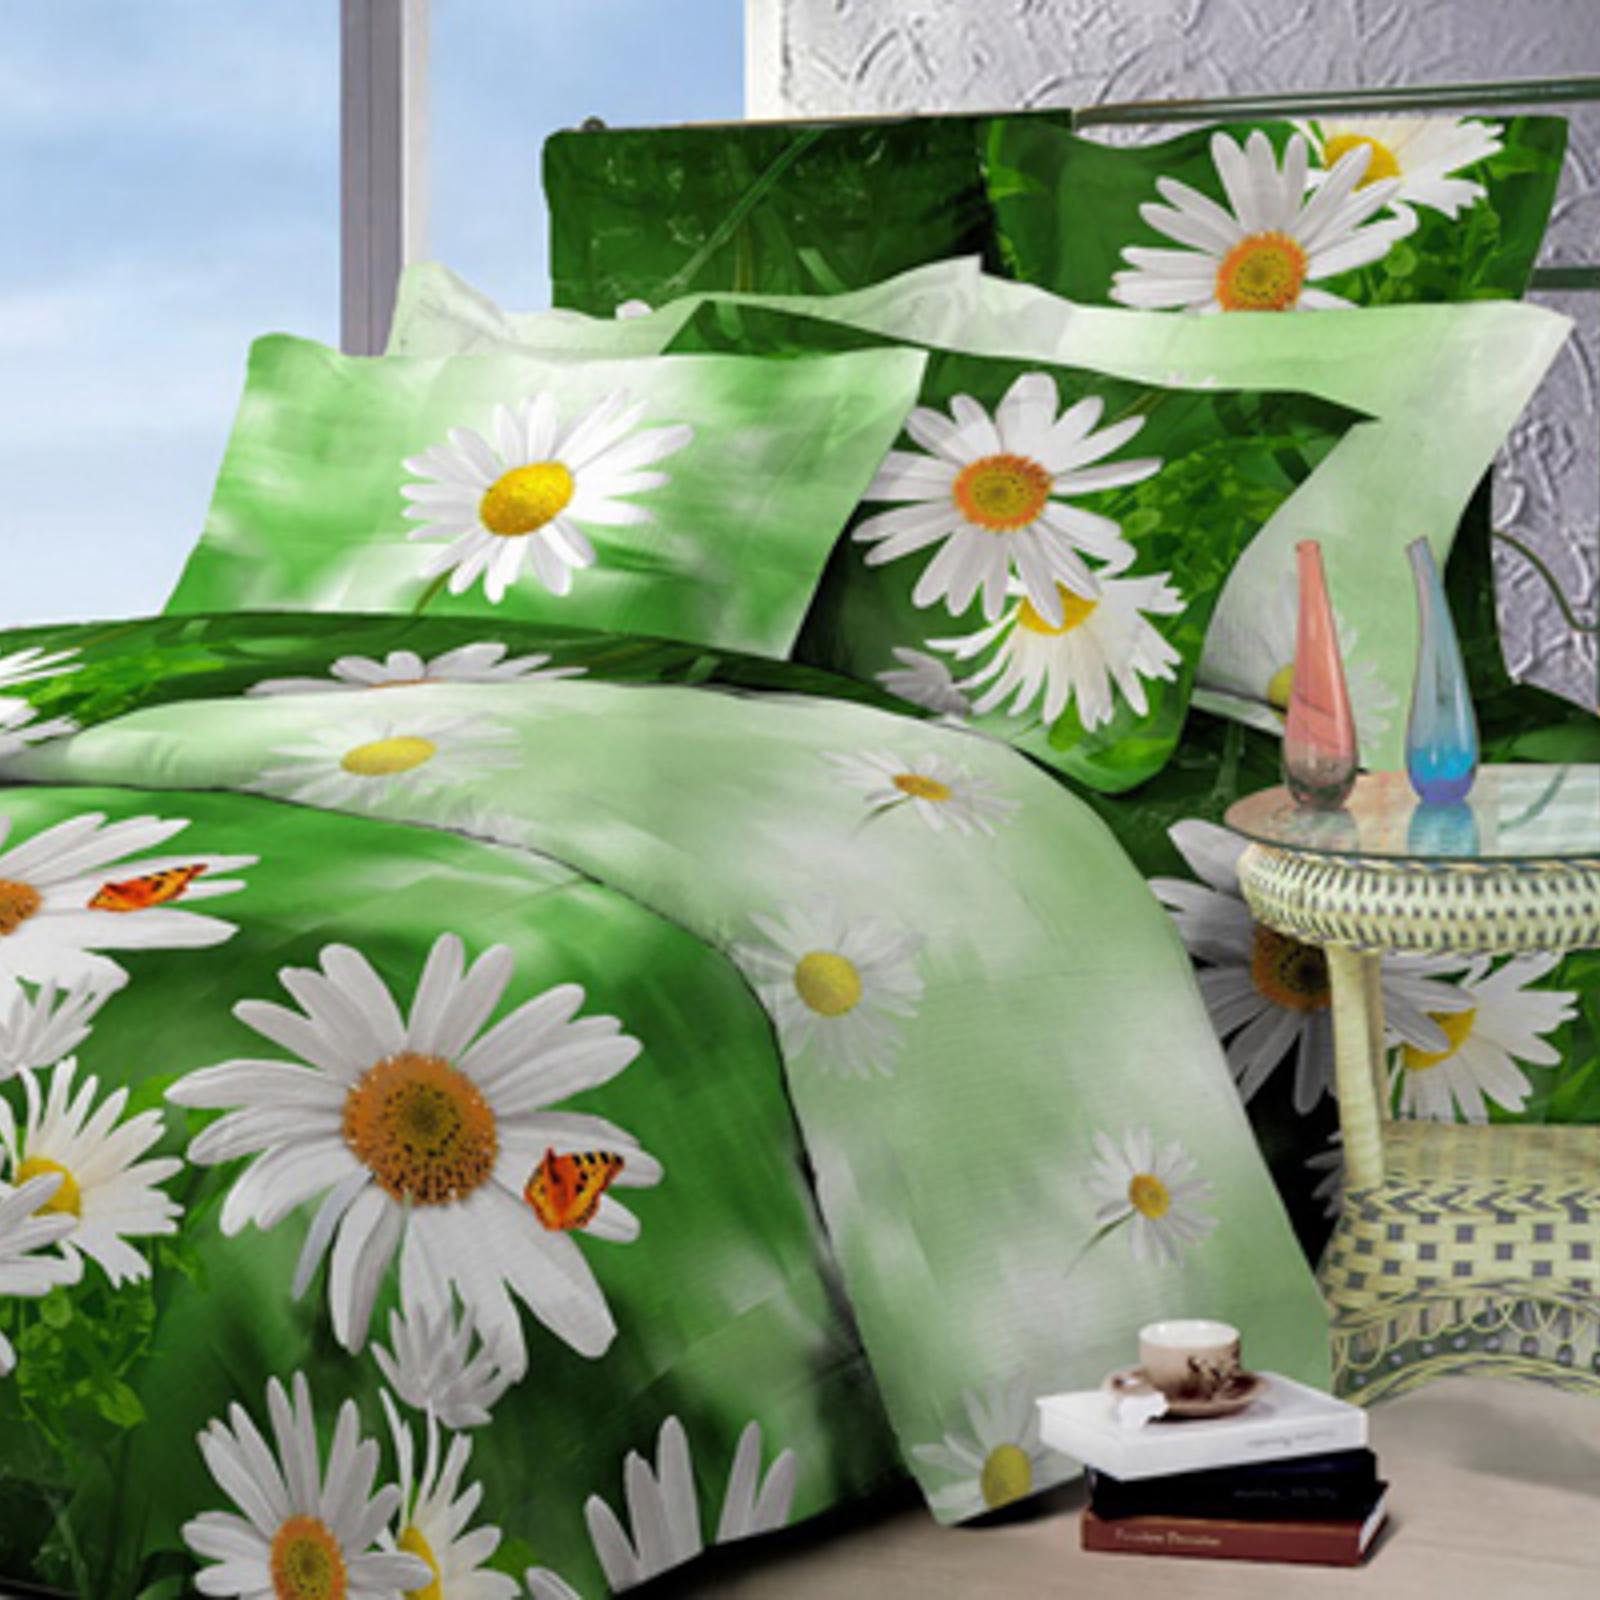 Комплект постельного белья «Ромашковый луг»